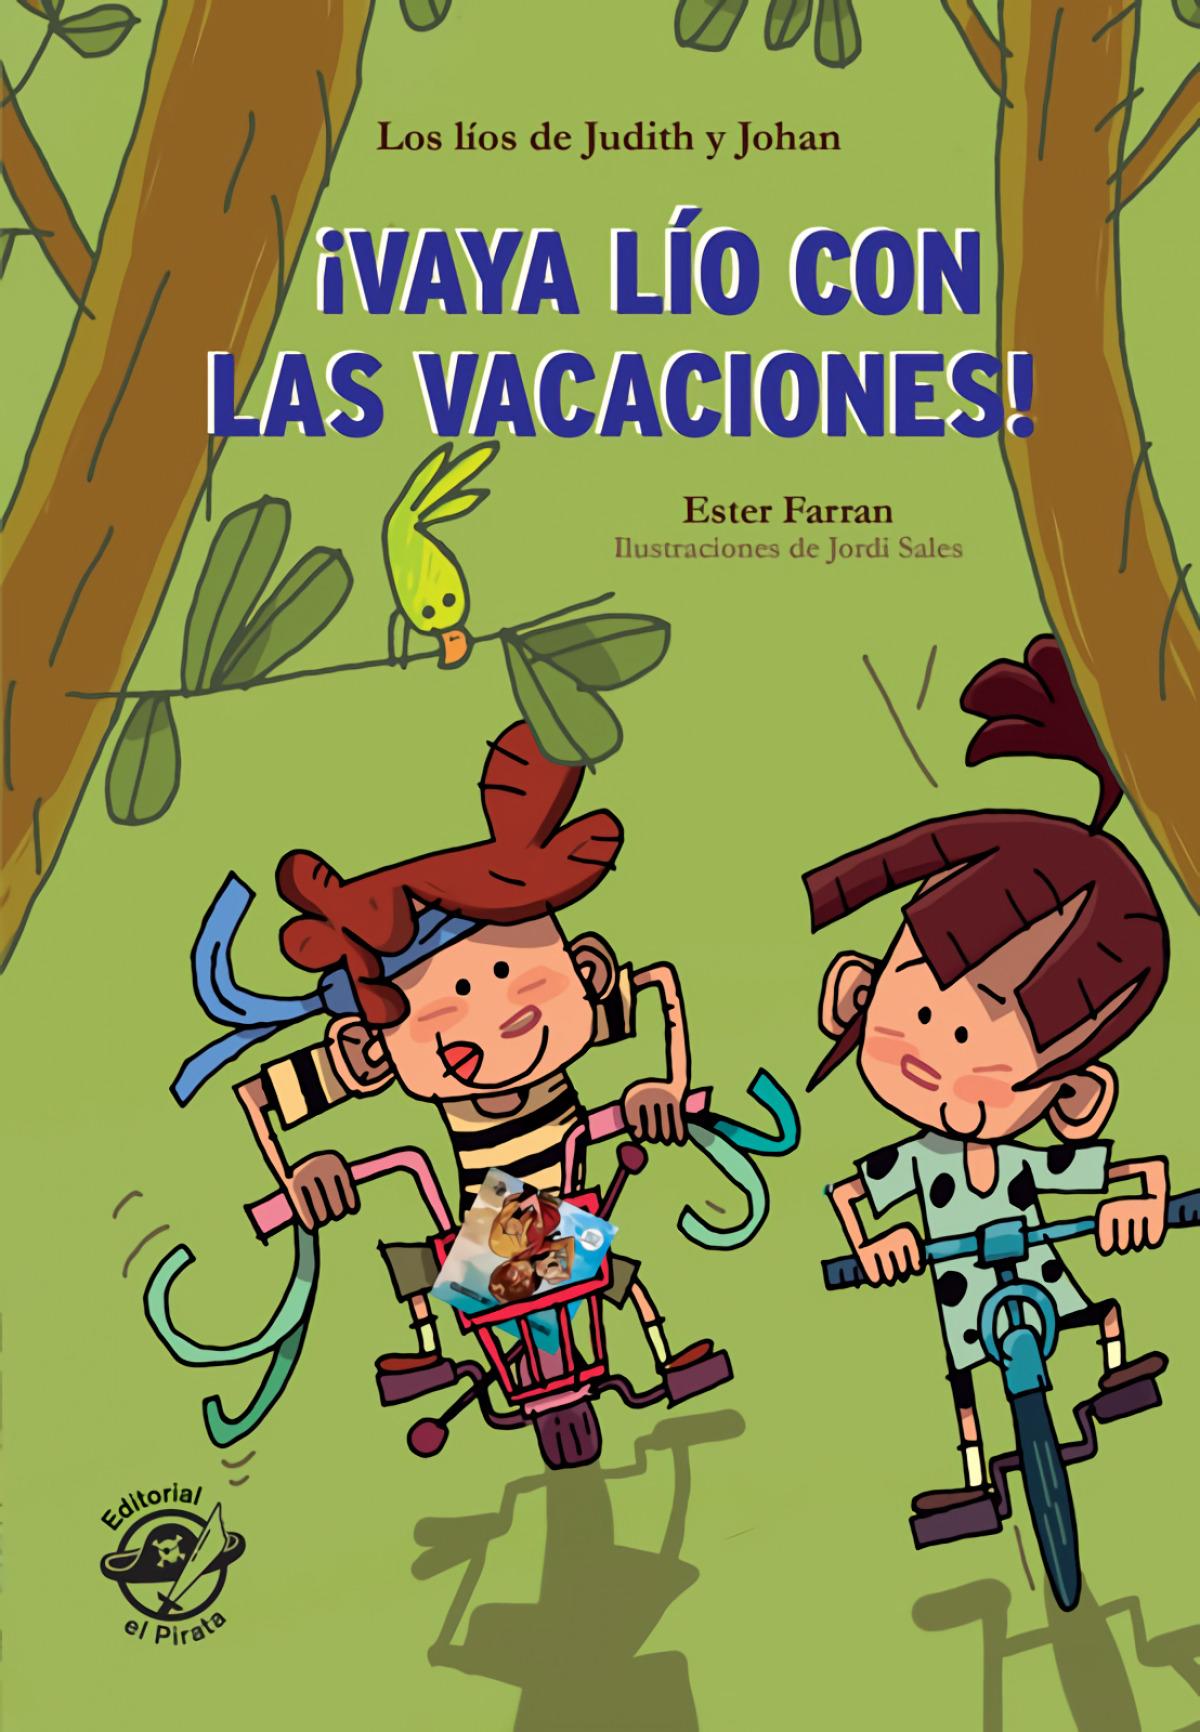 ¡Vaya lío con las vacaciones!- Libro con mucho humor para niños de